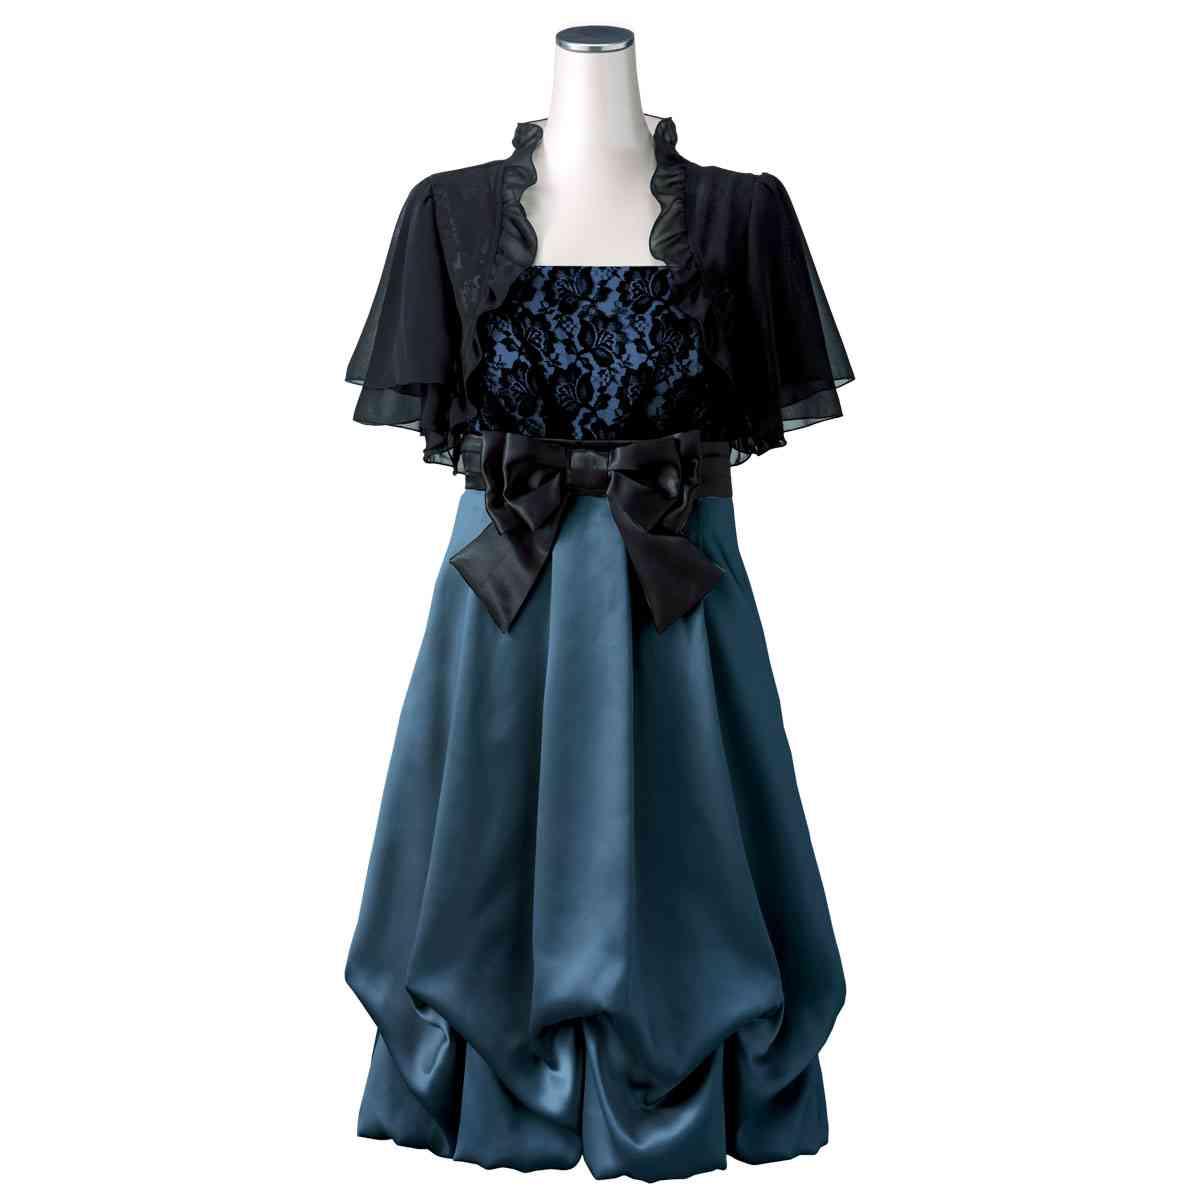 パーティードレスにピッタリのボレロを羽織ってお洒落にドレスアップのサムネイル画像